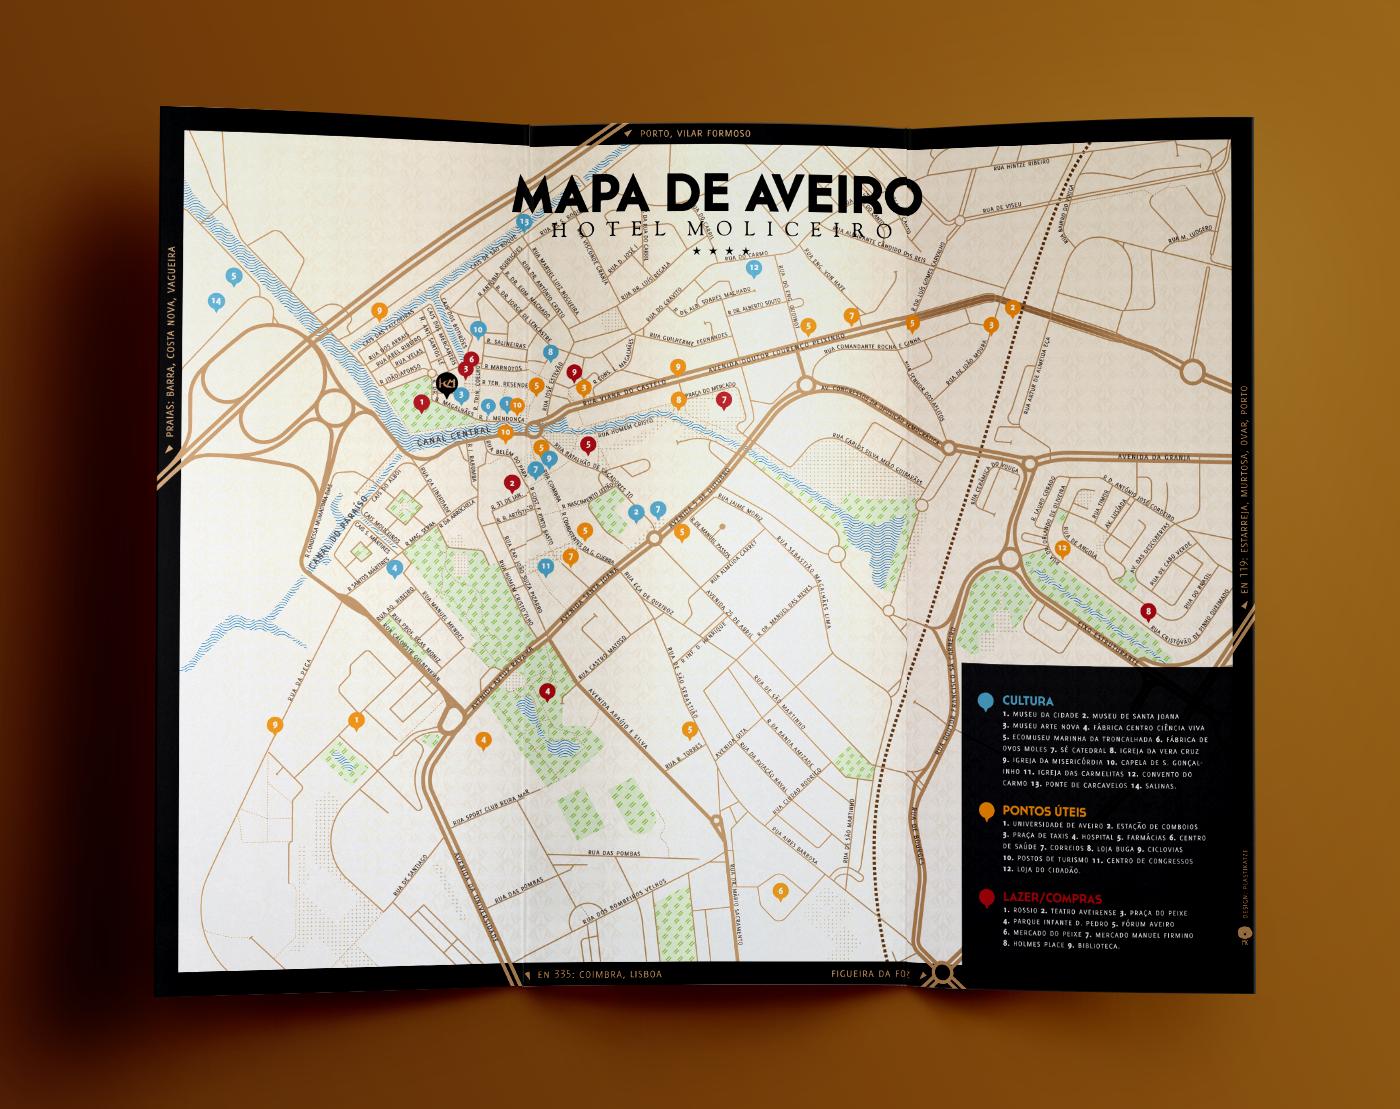 mapa cidade aveiro Mapa de Aveiro   Mafalda Maia mapa cidade aveiro